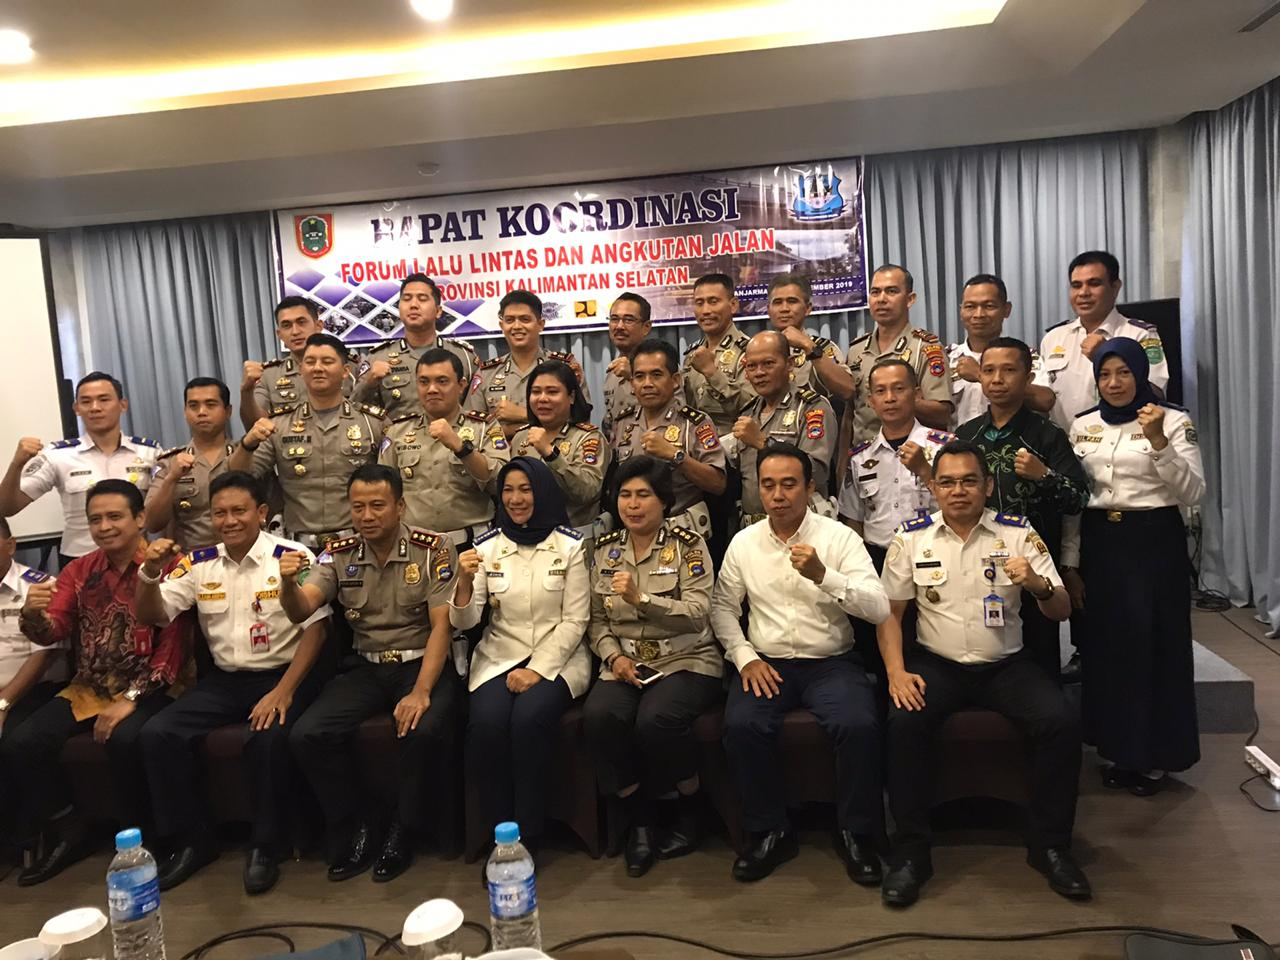 Rapat Koordinasi Forum Lalu Lintas dan Angkutan Jalan Provinsi Kalimantan Selatan